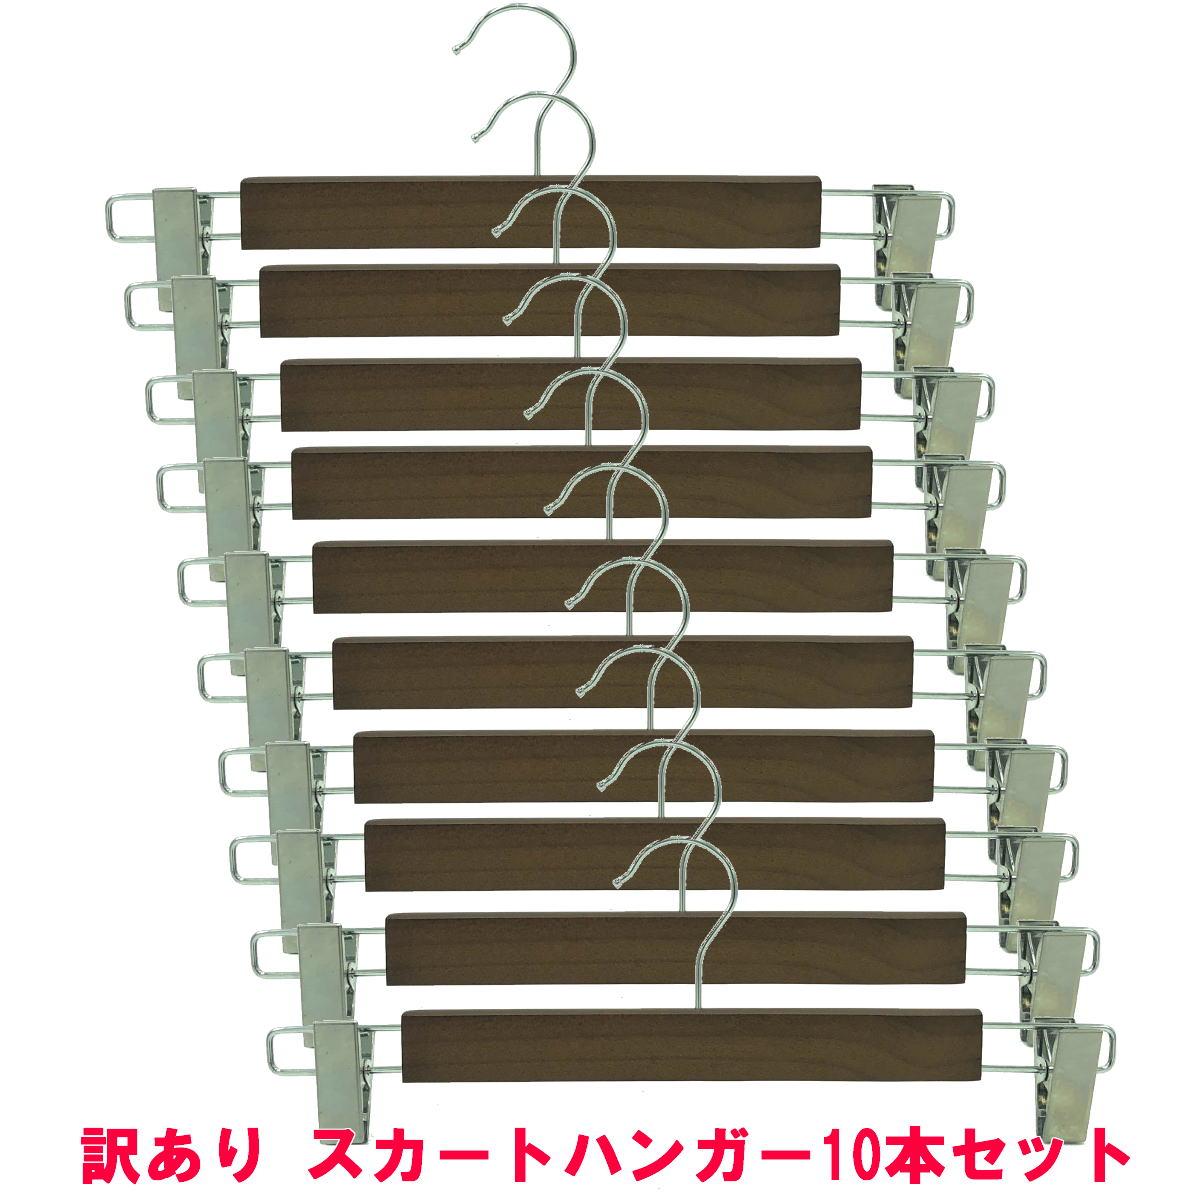 スカートハンガー 木製 新作からSALEアイテム等お得な商品満載 ハンガー スカート 公式サイト スカート用 木製スカート ブラウン 訳あり 10本セット ボトム